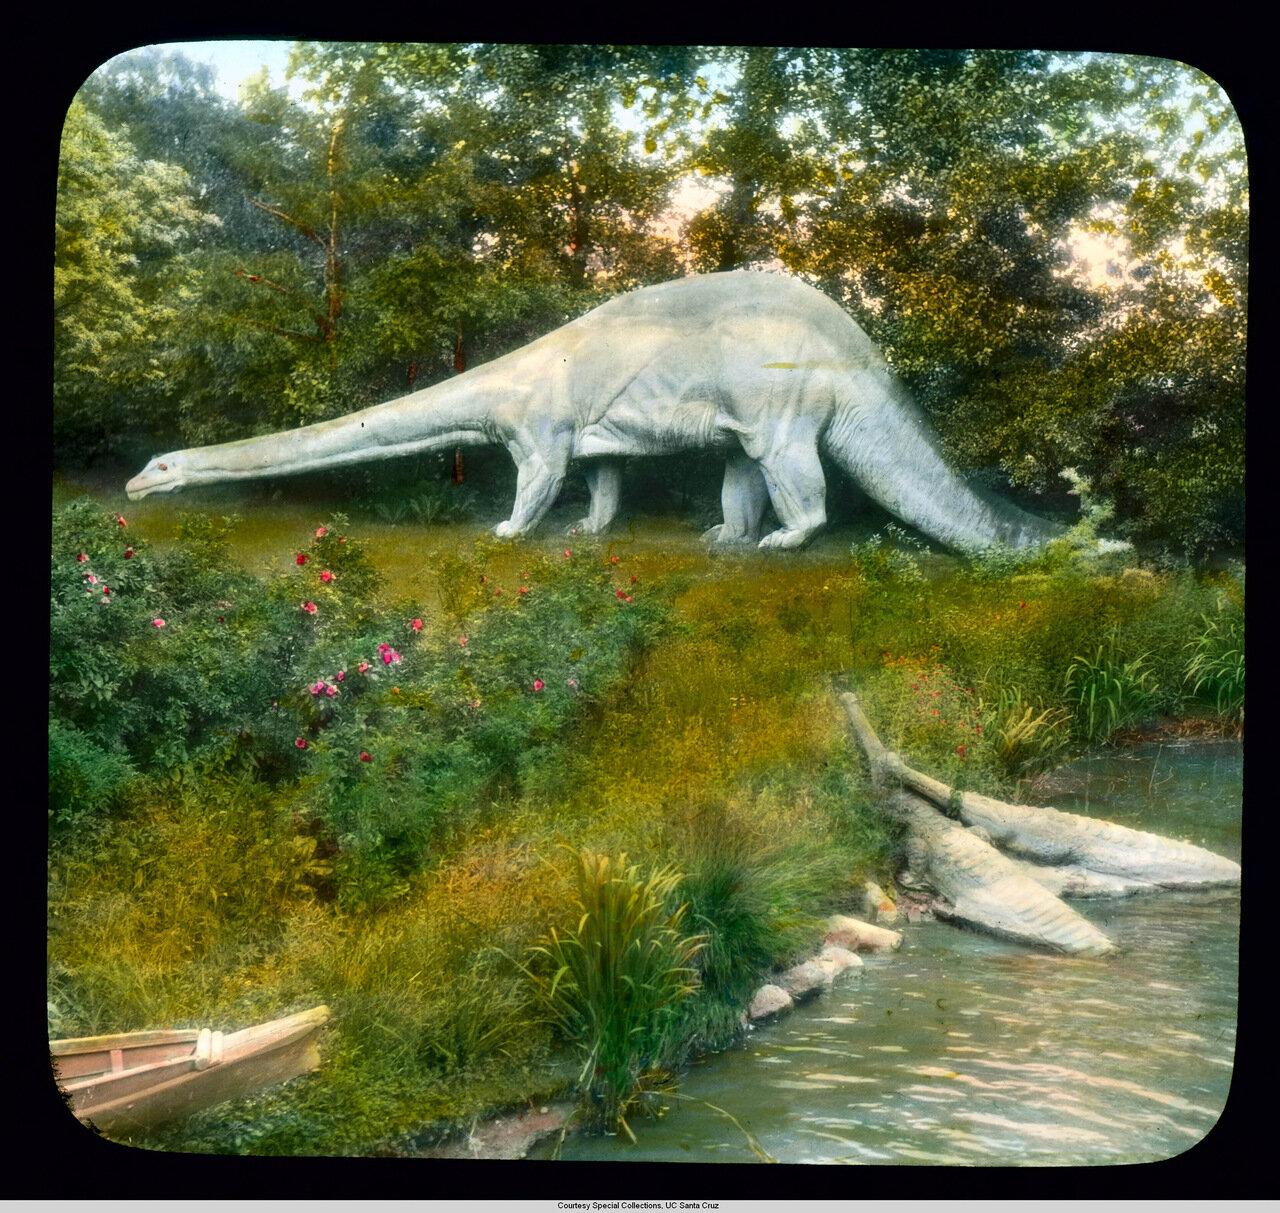 Гамбург. Зоопарк Хагенбек, динозавры на выставке Монстры доисторического прошлого